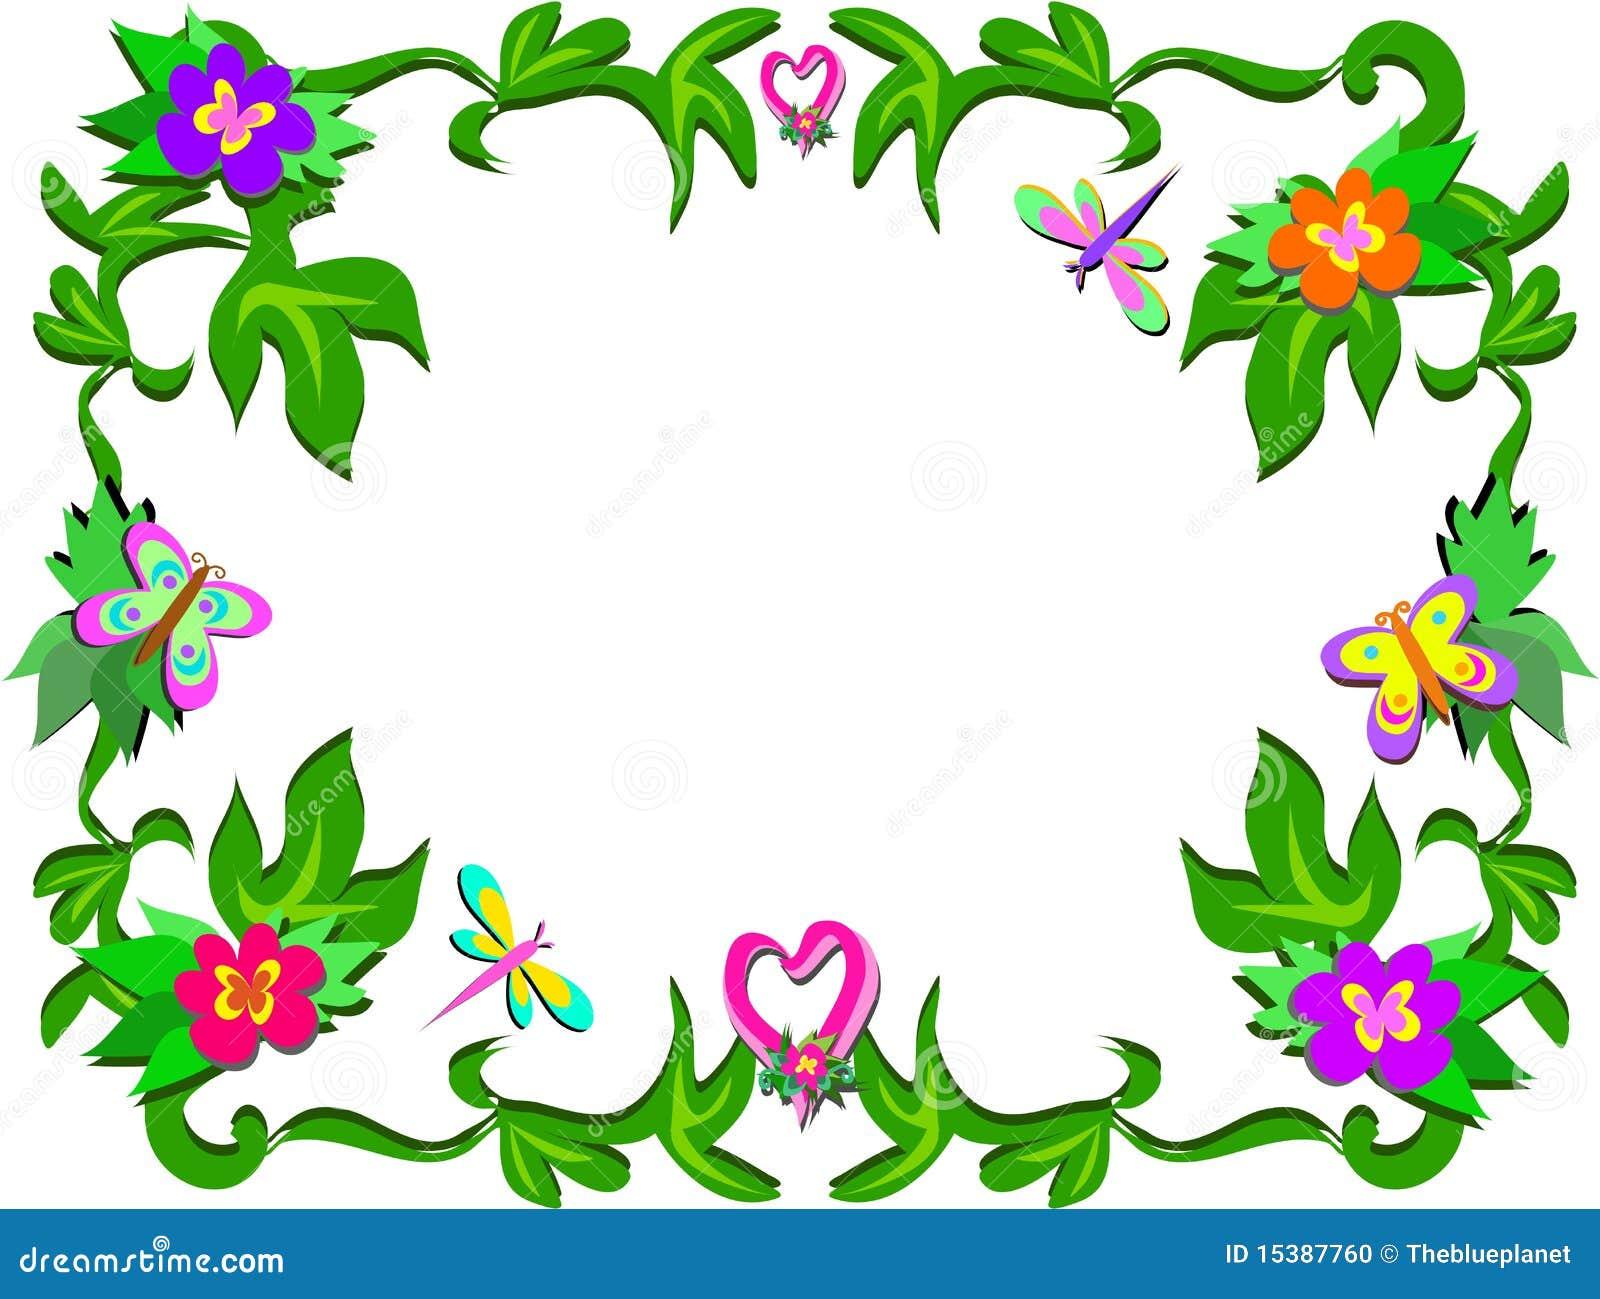 Marcos Para Plantas - Diseño Belle Maison - Firmix.net